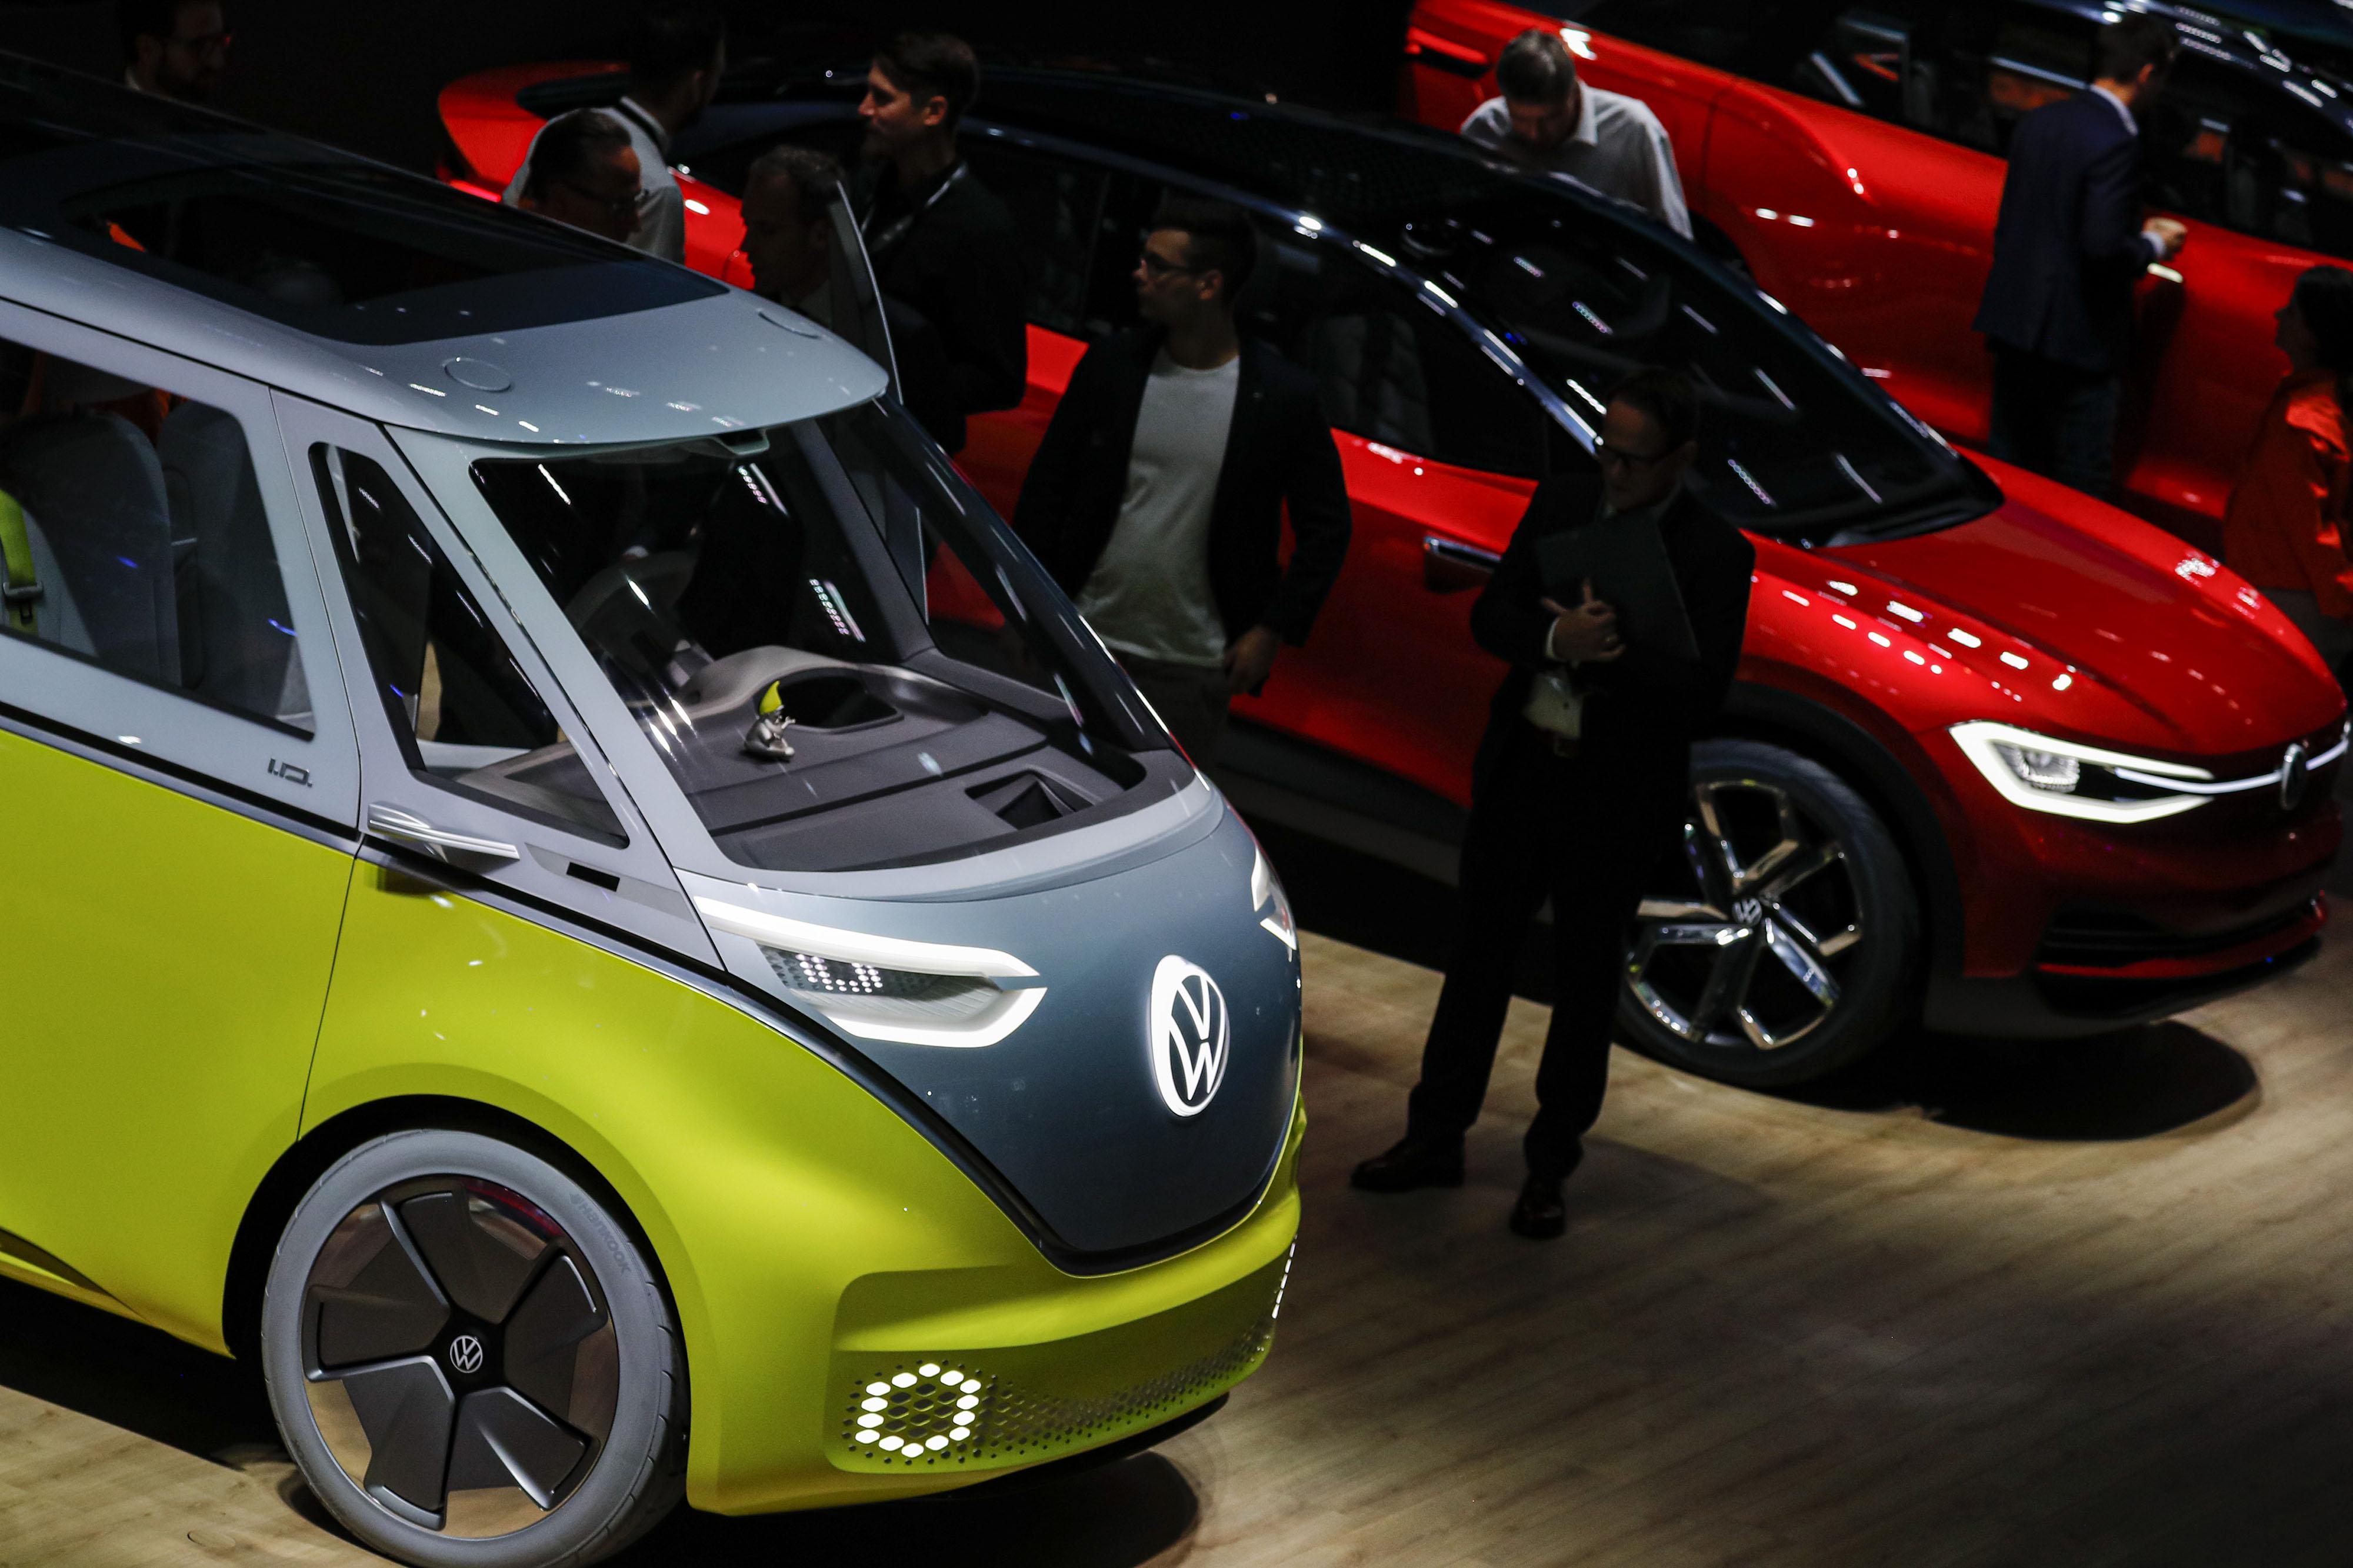 Zweiter Tag der 68. IAA Frankfurt Automobilausstellung